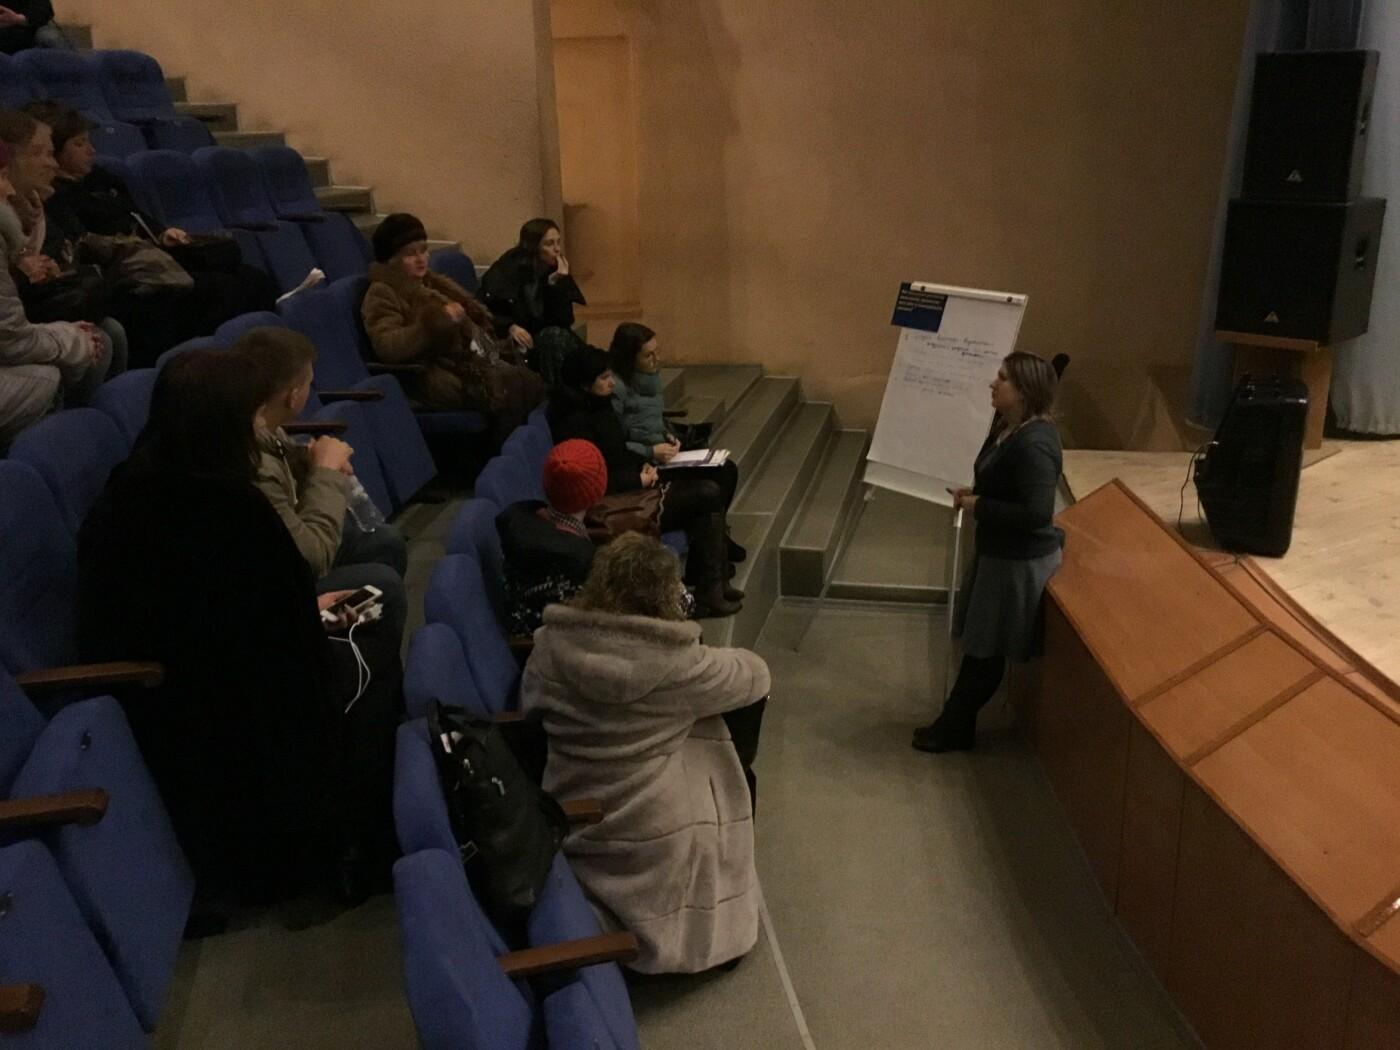 Дружківка: На Форумі місцевого розвитку пройшли плідні дискусії про майбутнє міста та громади (ФОТО), фото-8